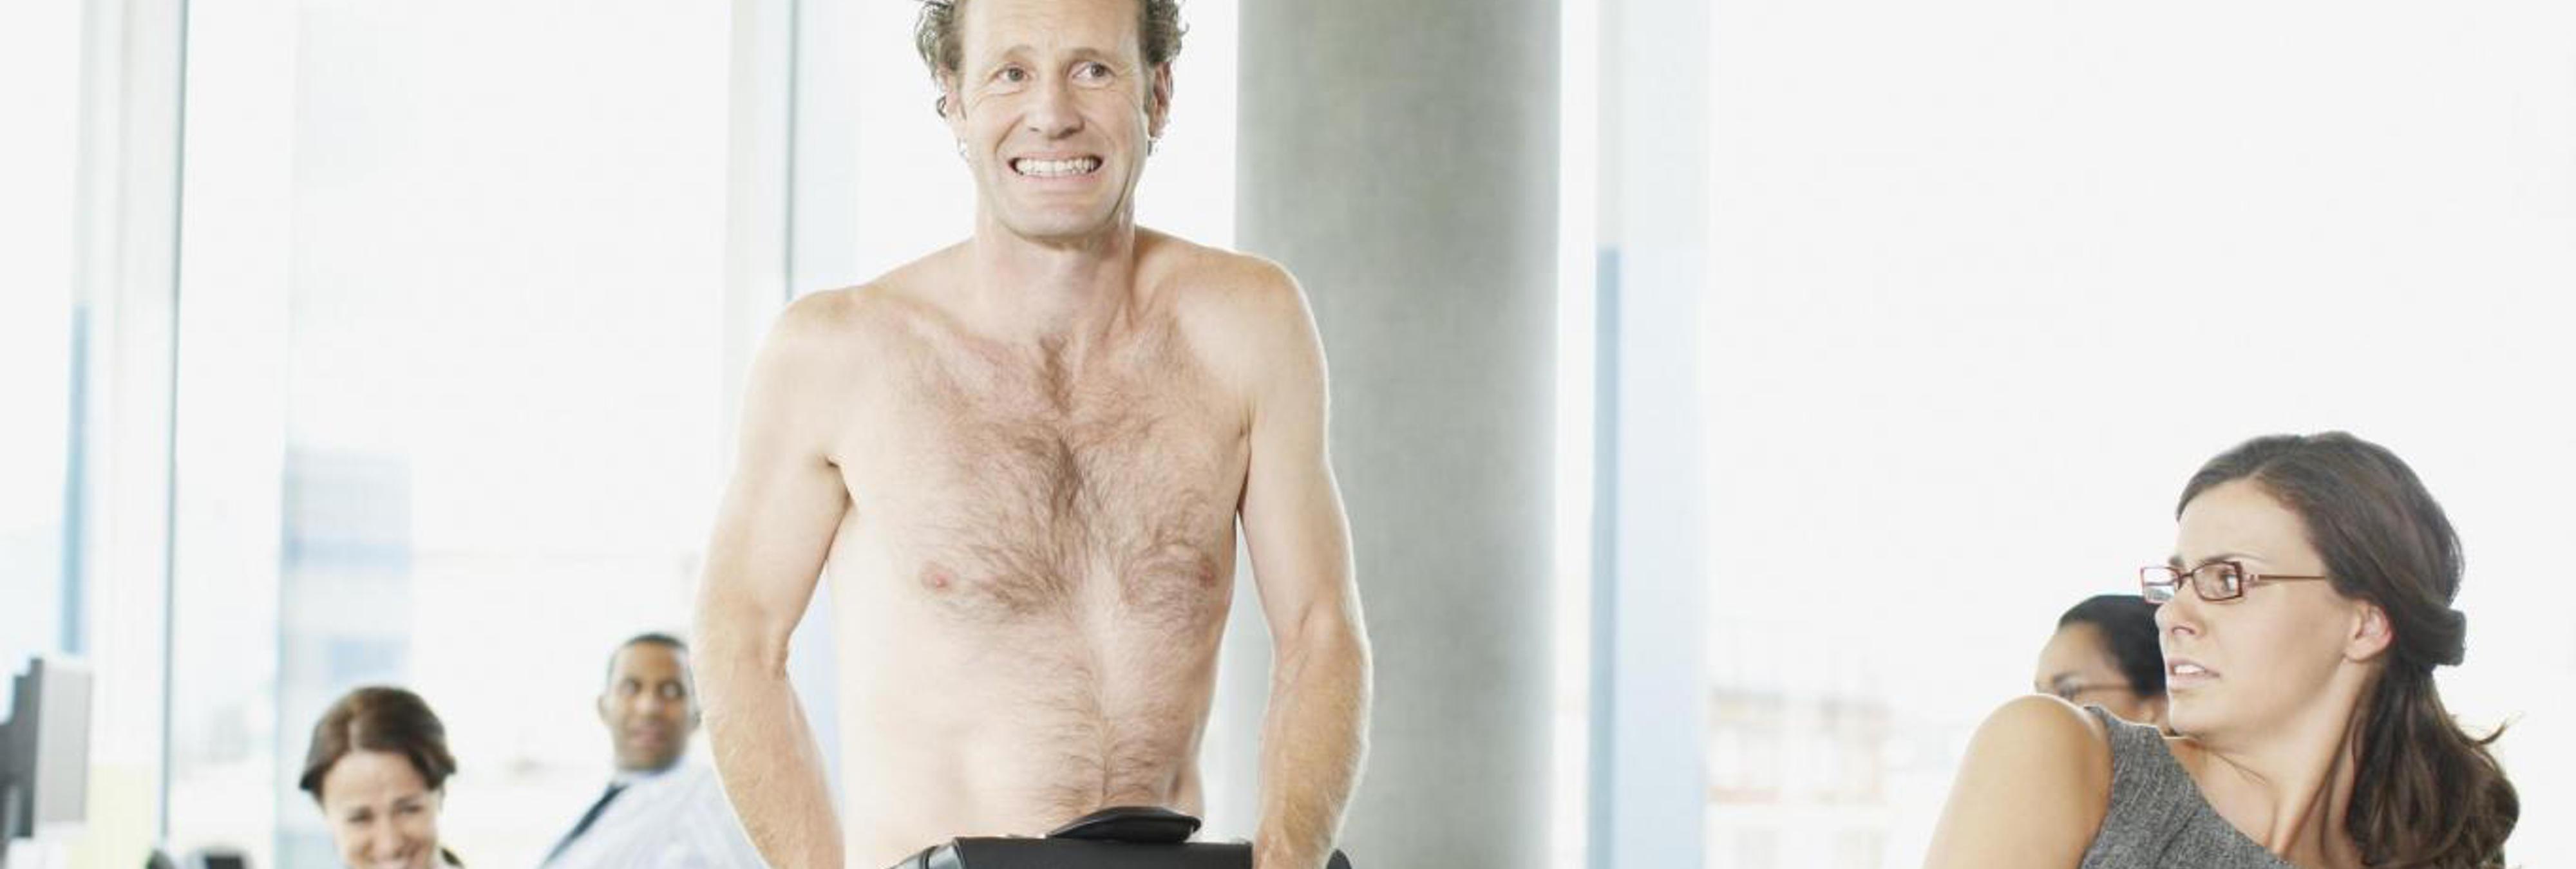 Los psicólogos recomiendan masturbarse en el trabajo